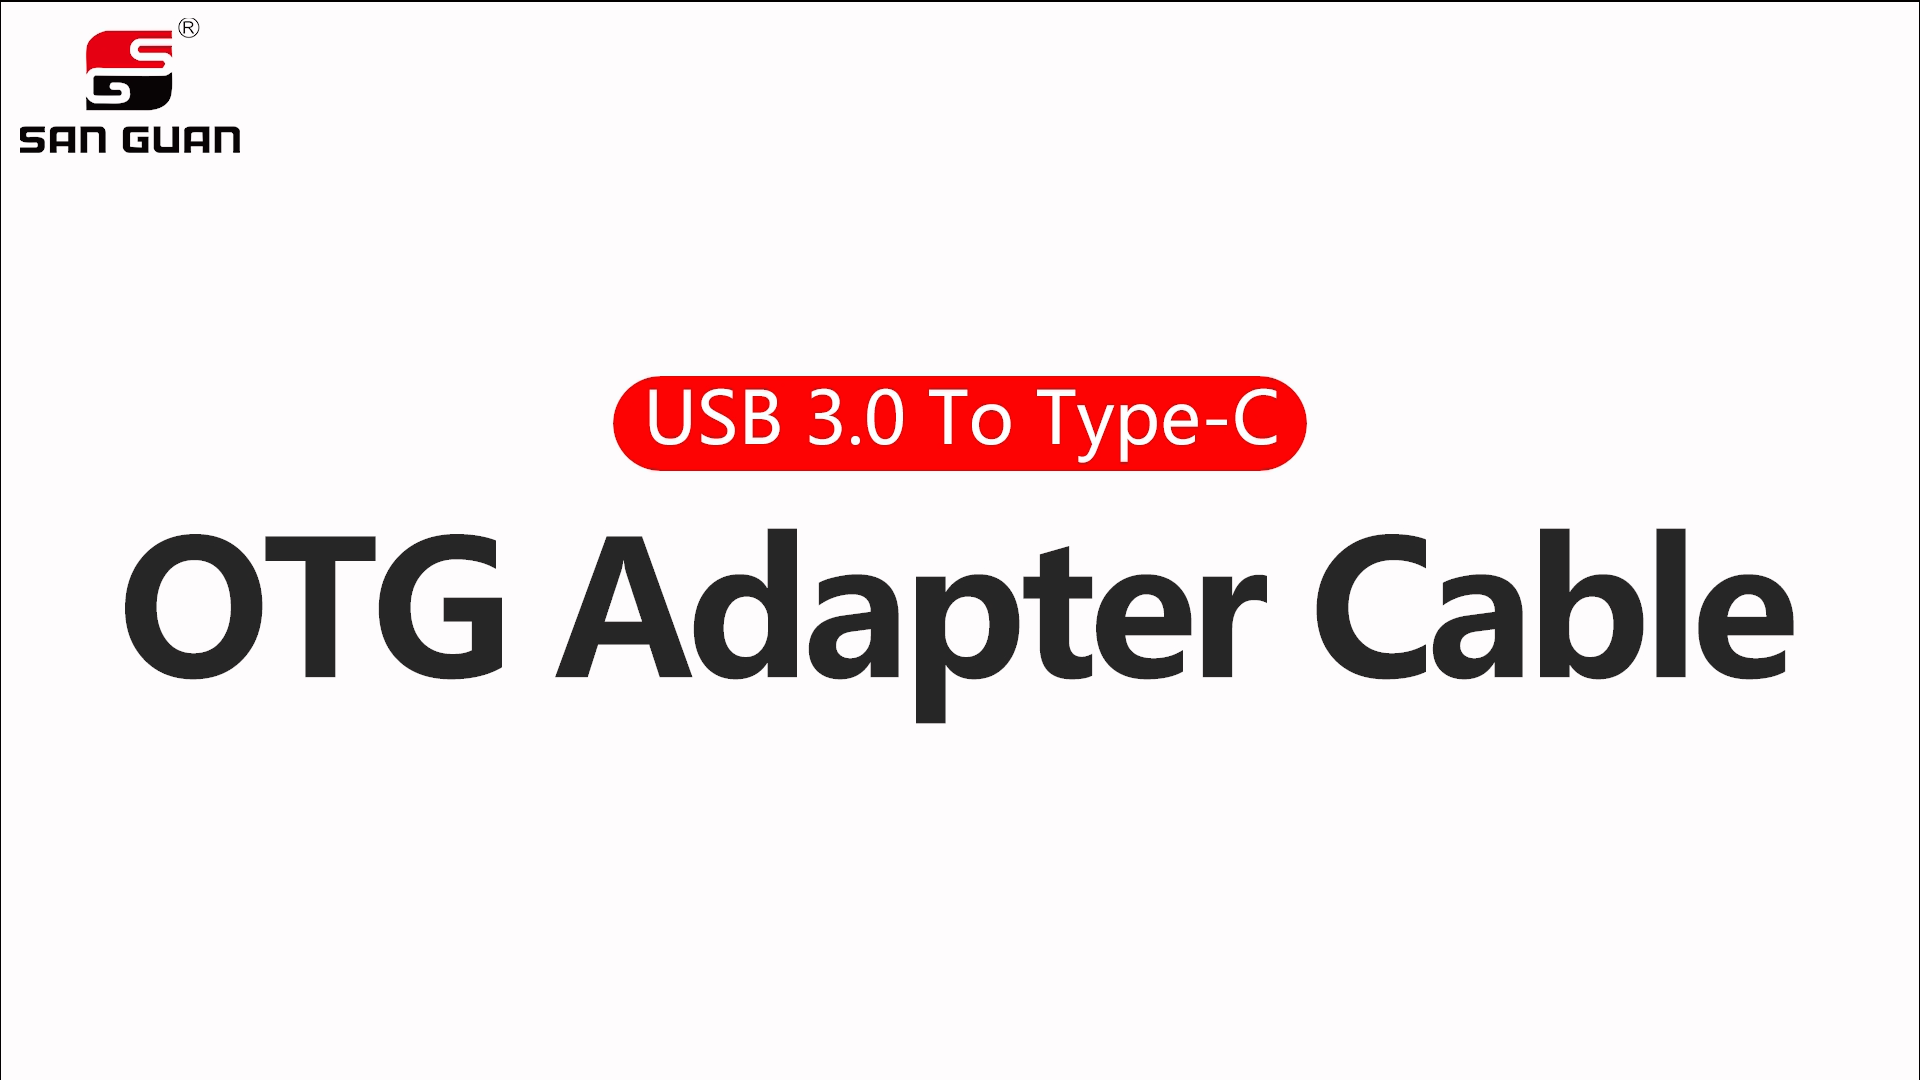 Otg Bộ Chuyển Đổi Cáp Usb C Để Usb Bộ Chuyển Đổi Loại C Nam Để Usb 3.0 Otg Nữ Adapter Cable